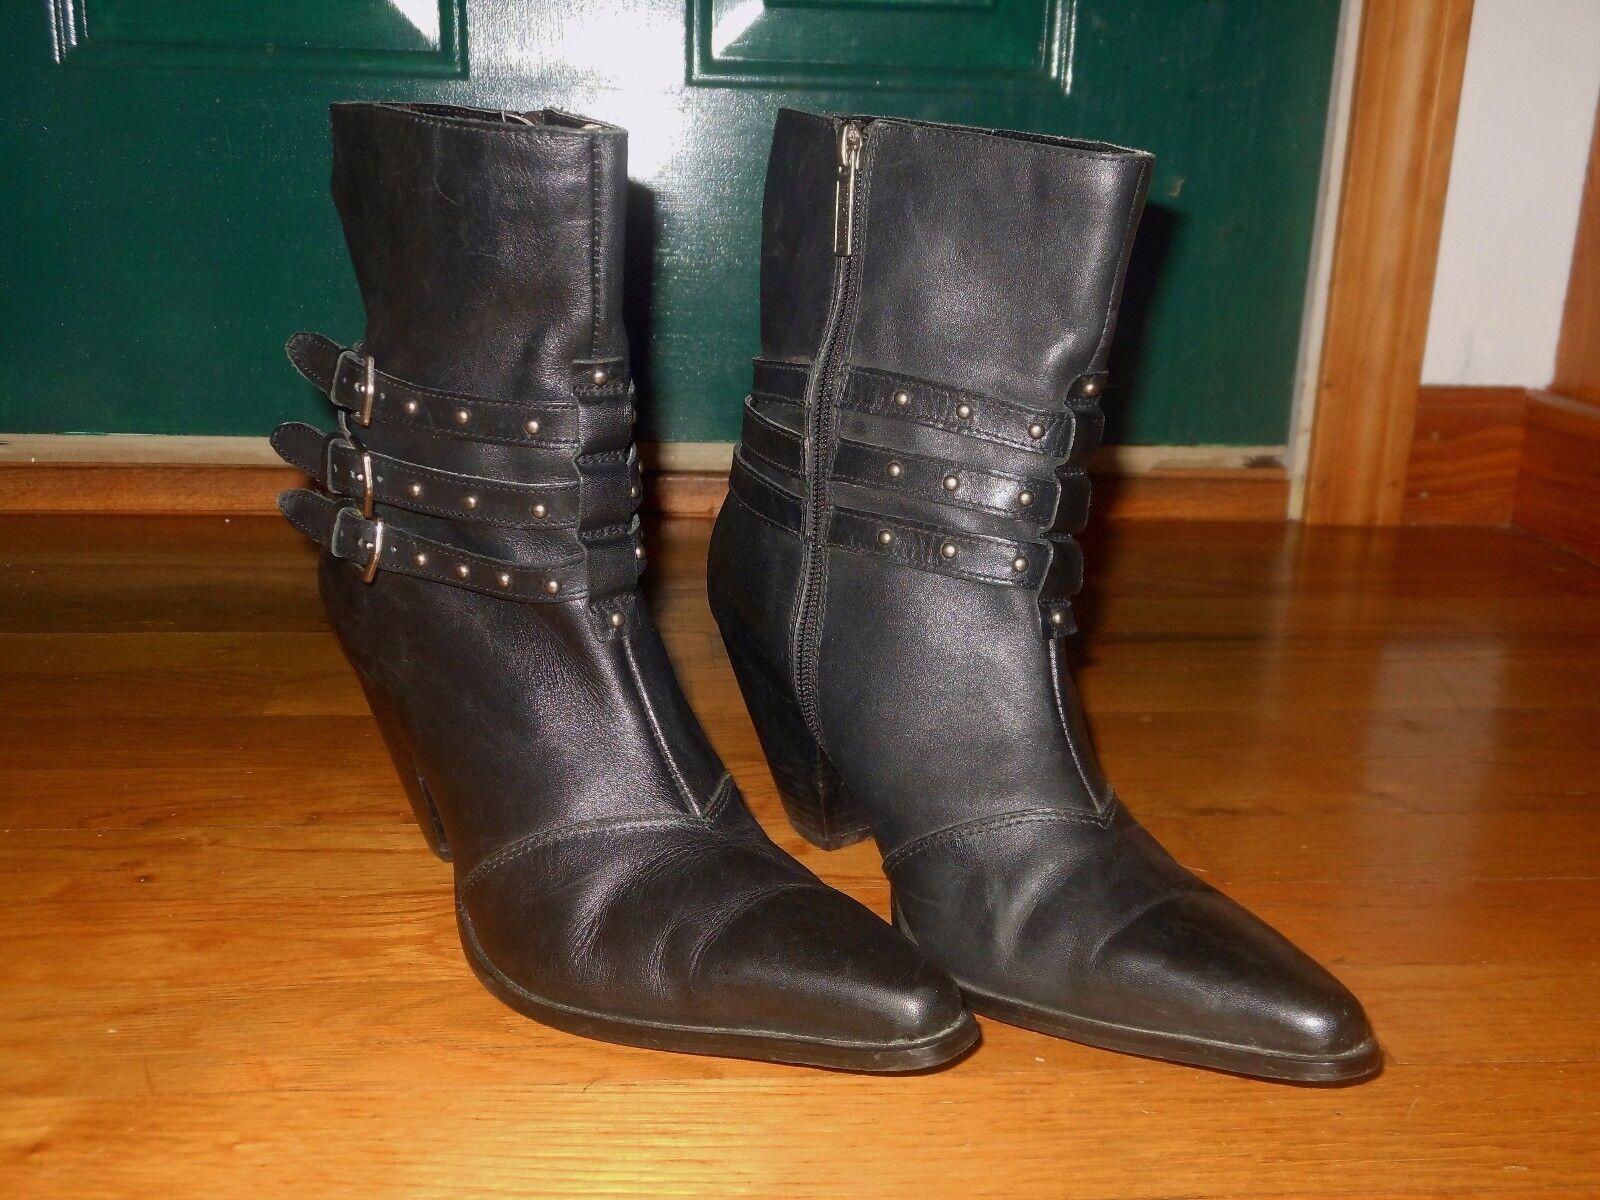 Harley-Davidson Women's Bette 3 Strap Boots - Sz 10 M - D84504 - Excellent cond